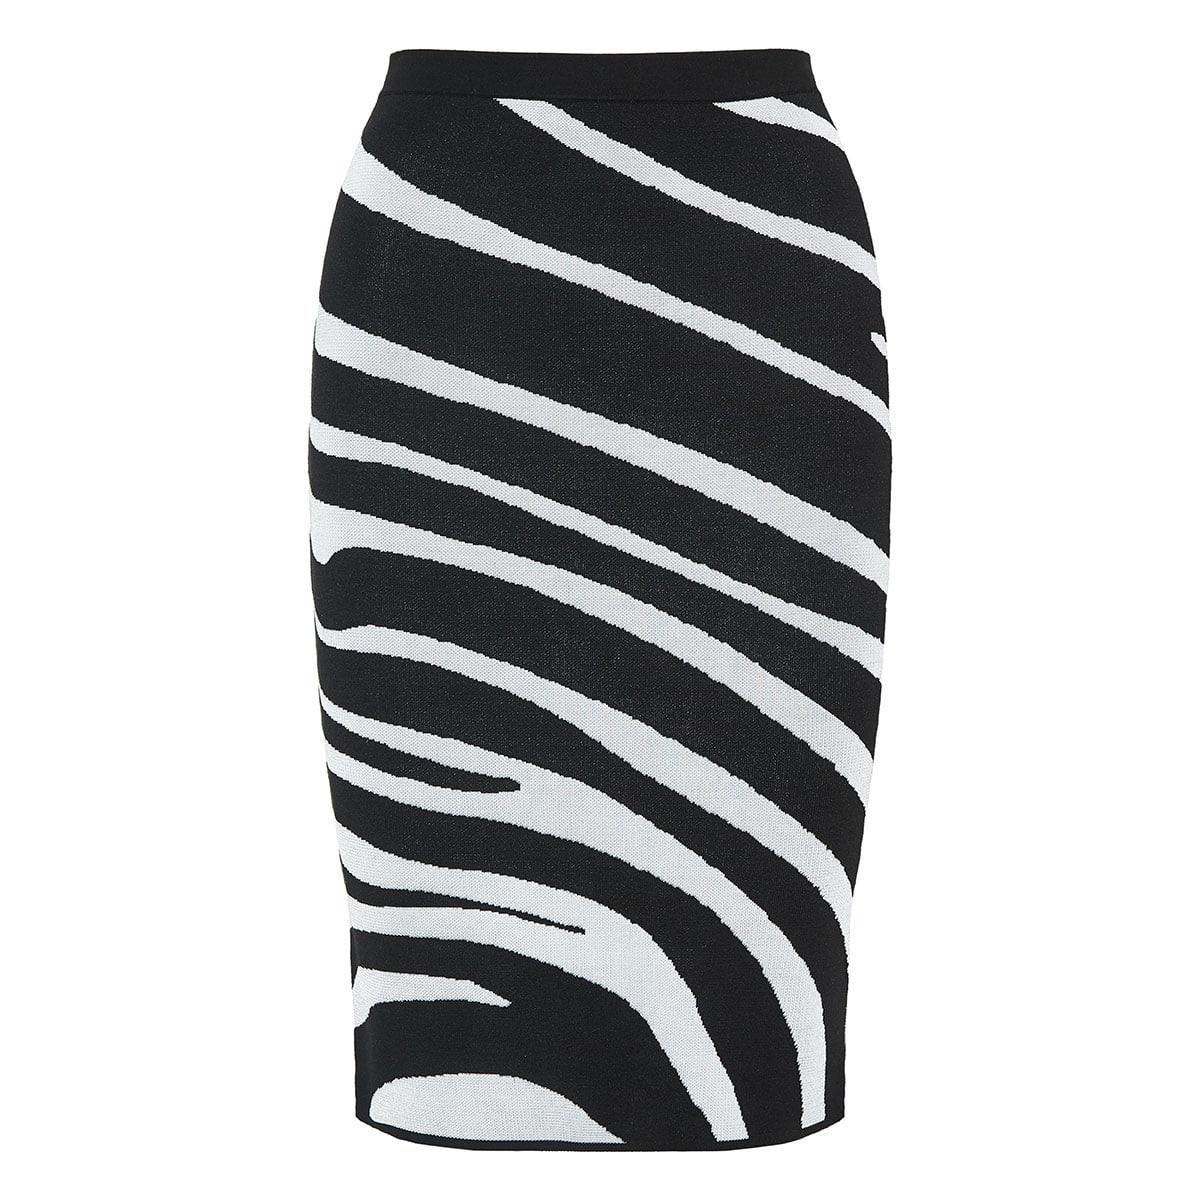 dd22d0445 Zebra intarsia knitted pencil skirt | LuisaWorld